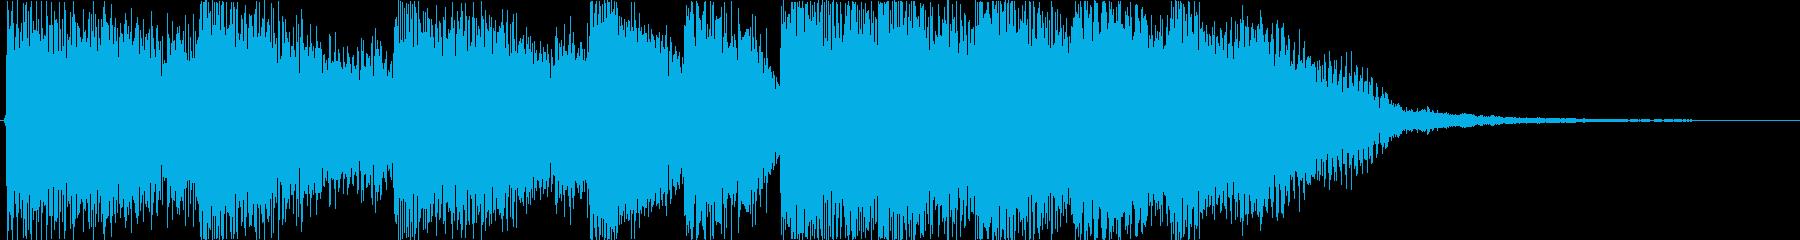 オリジナル発車メロディー2の再生済みの波形